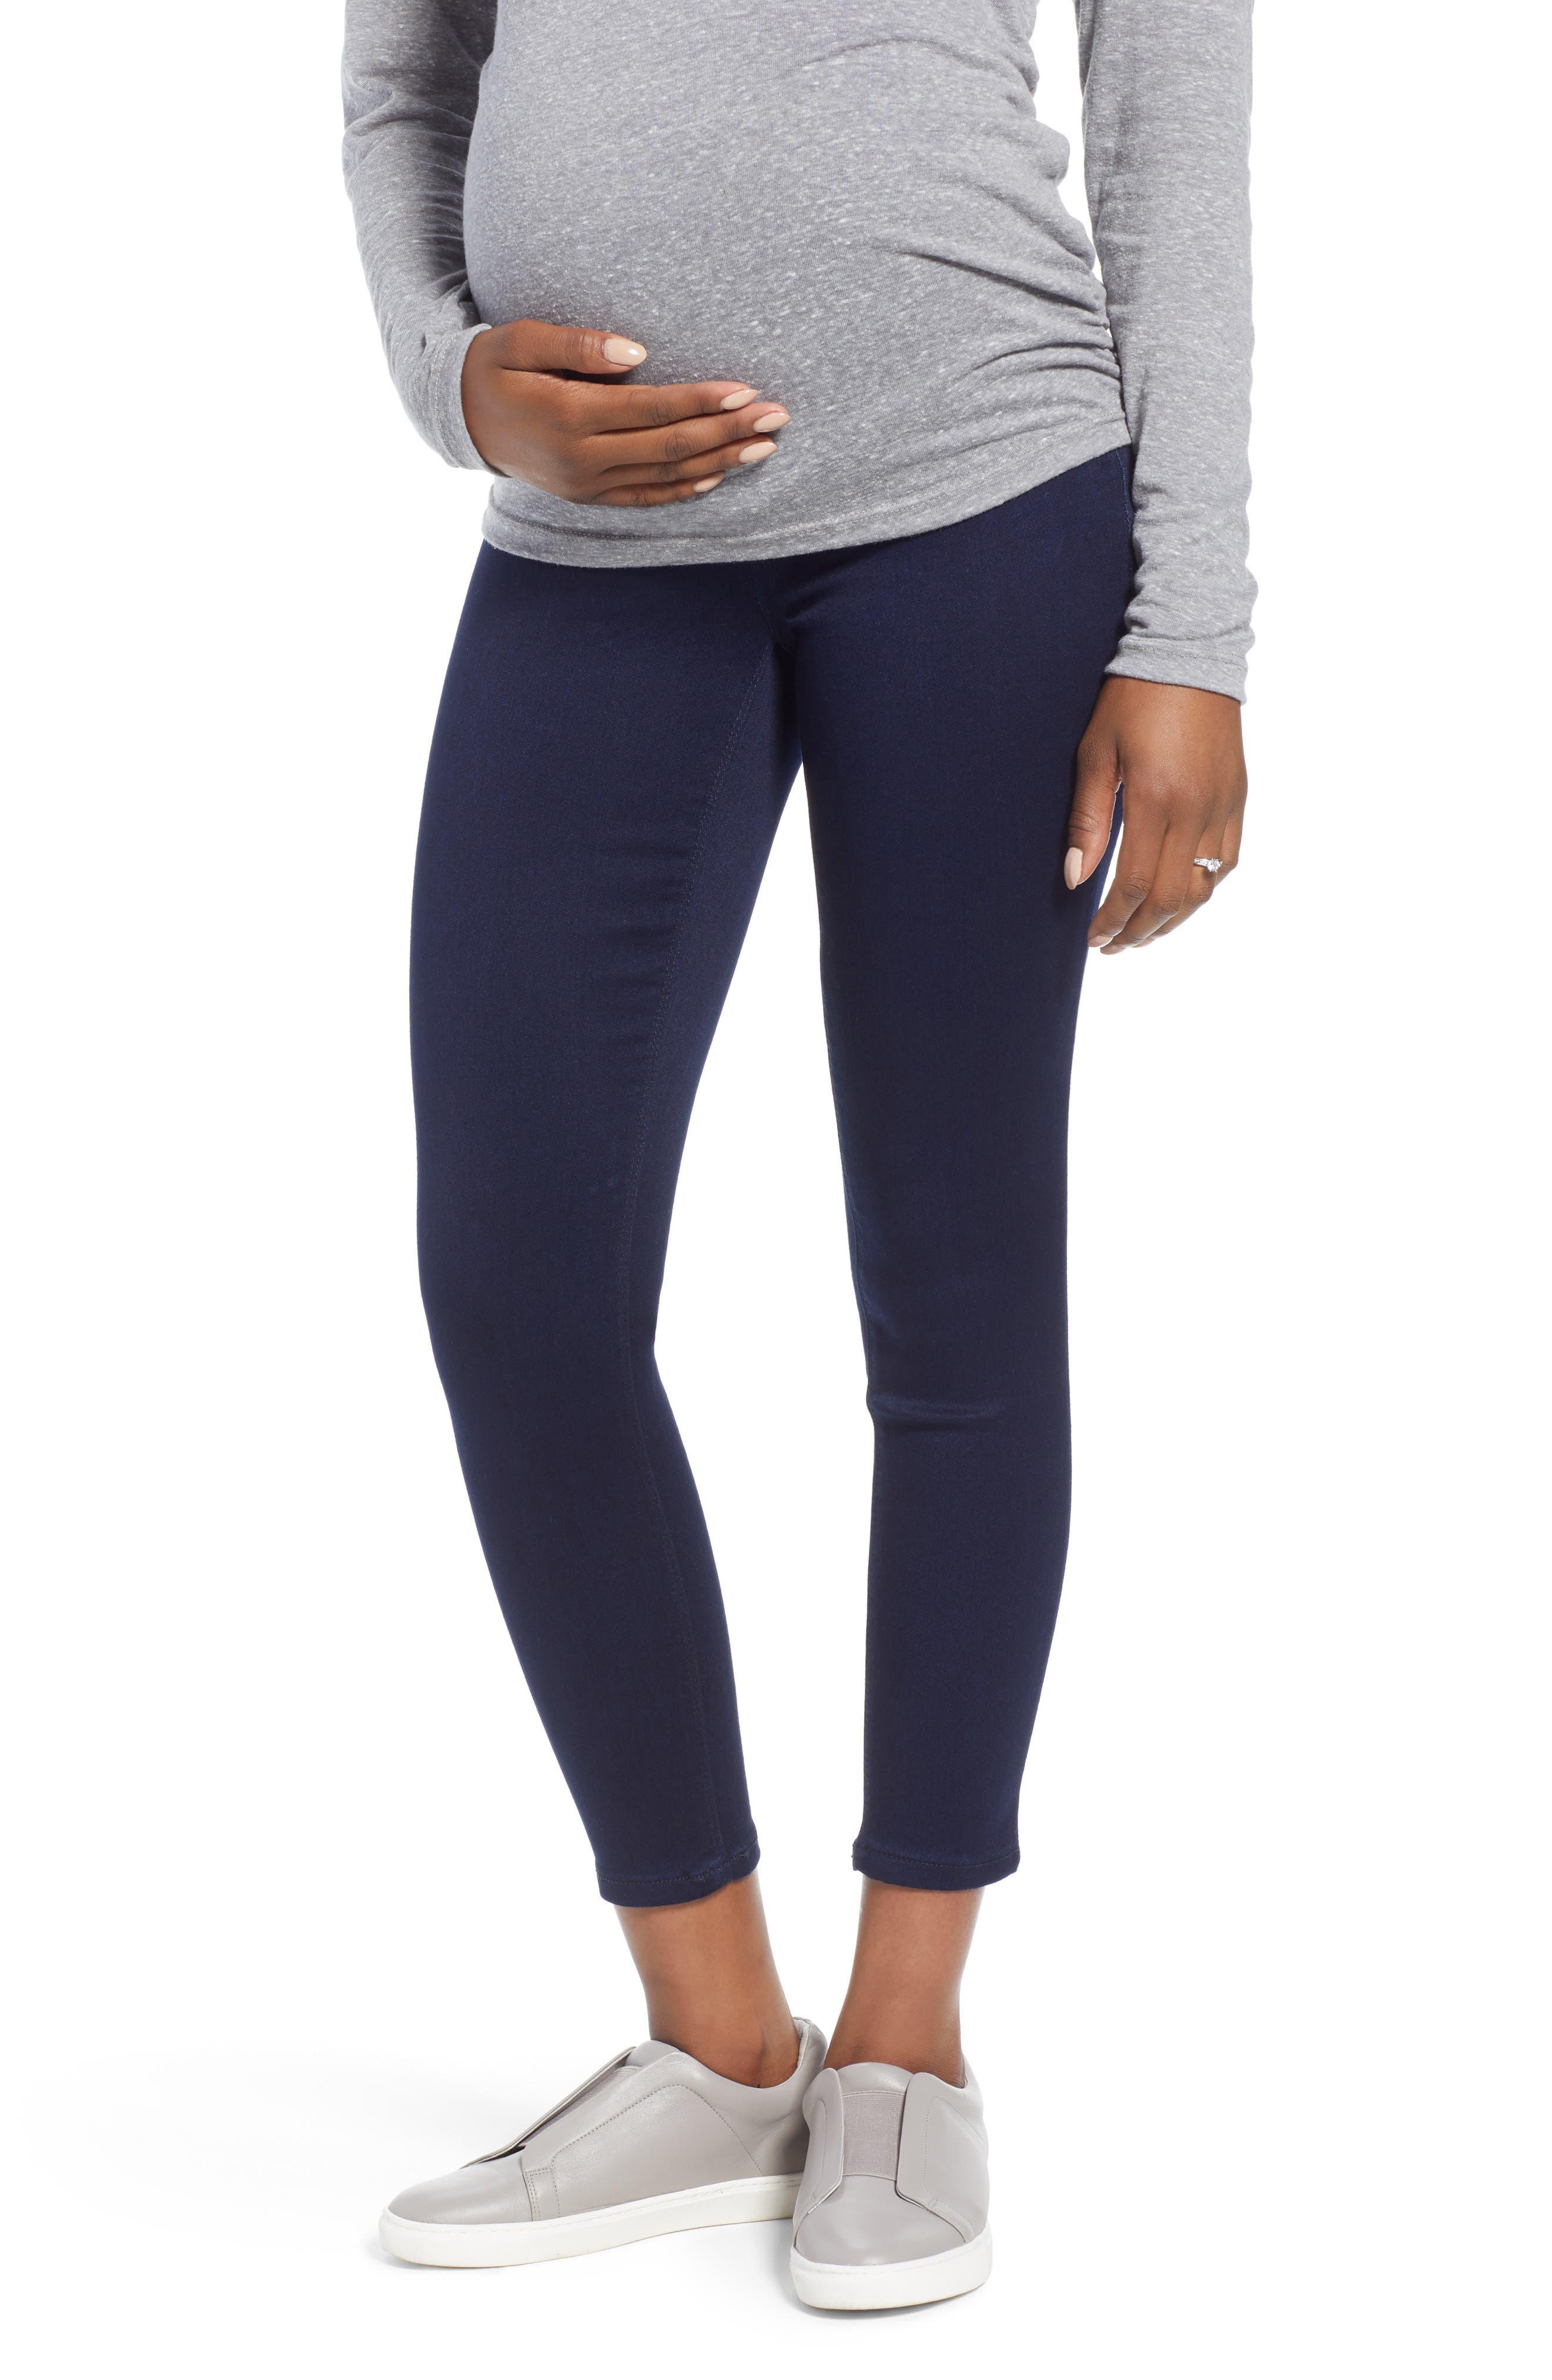 Women's 1822 Denim Butter Ankle Super Skinny Maternity Jeans